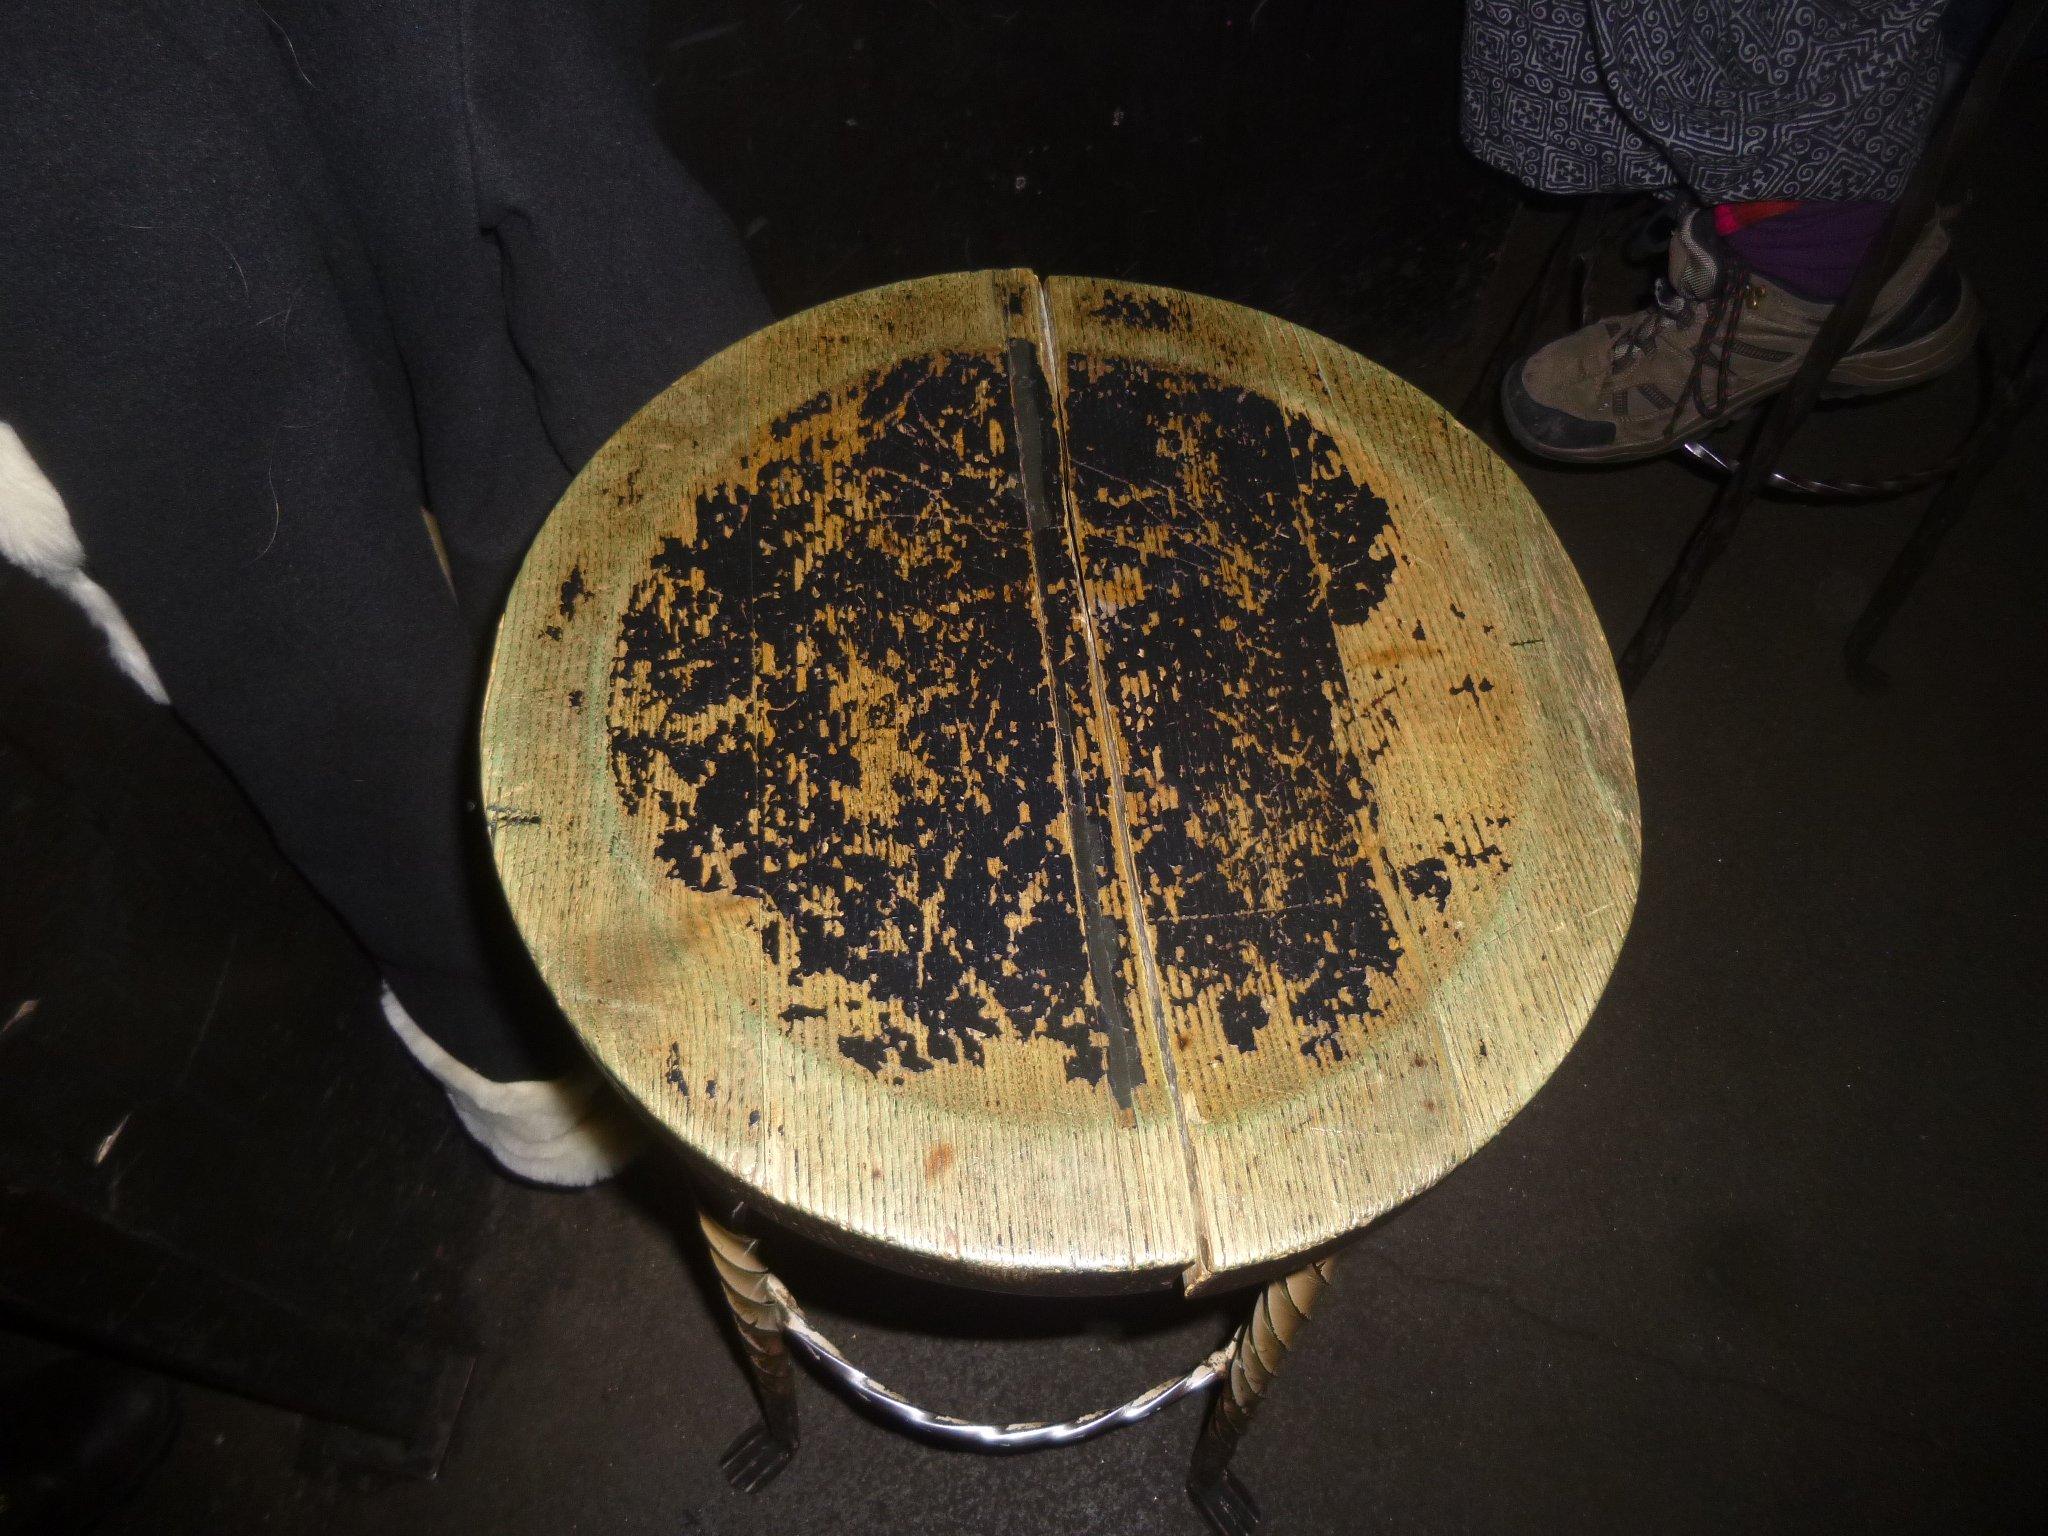 Barhocker mit gespaltener Sitzfläche